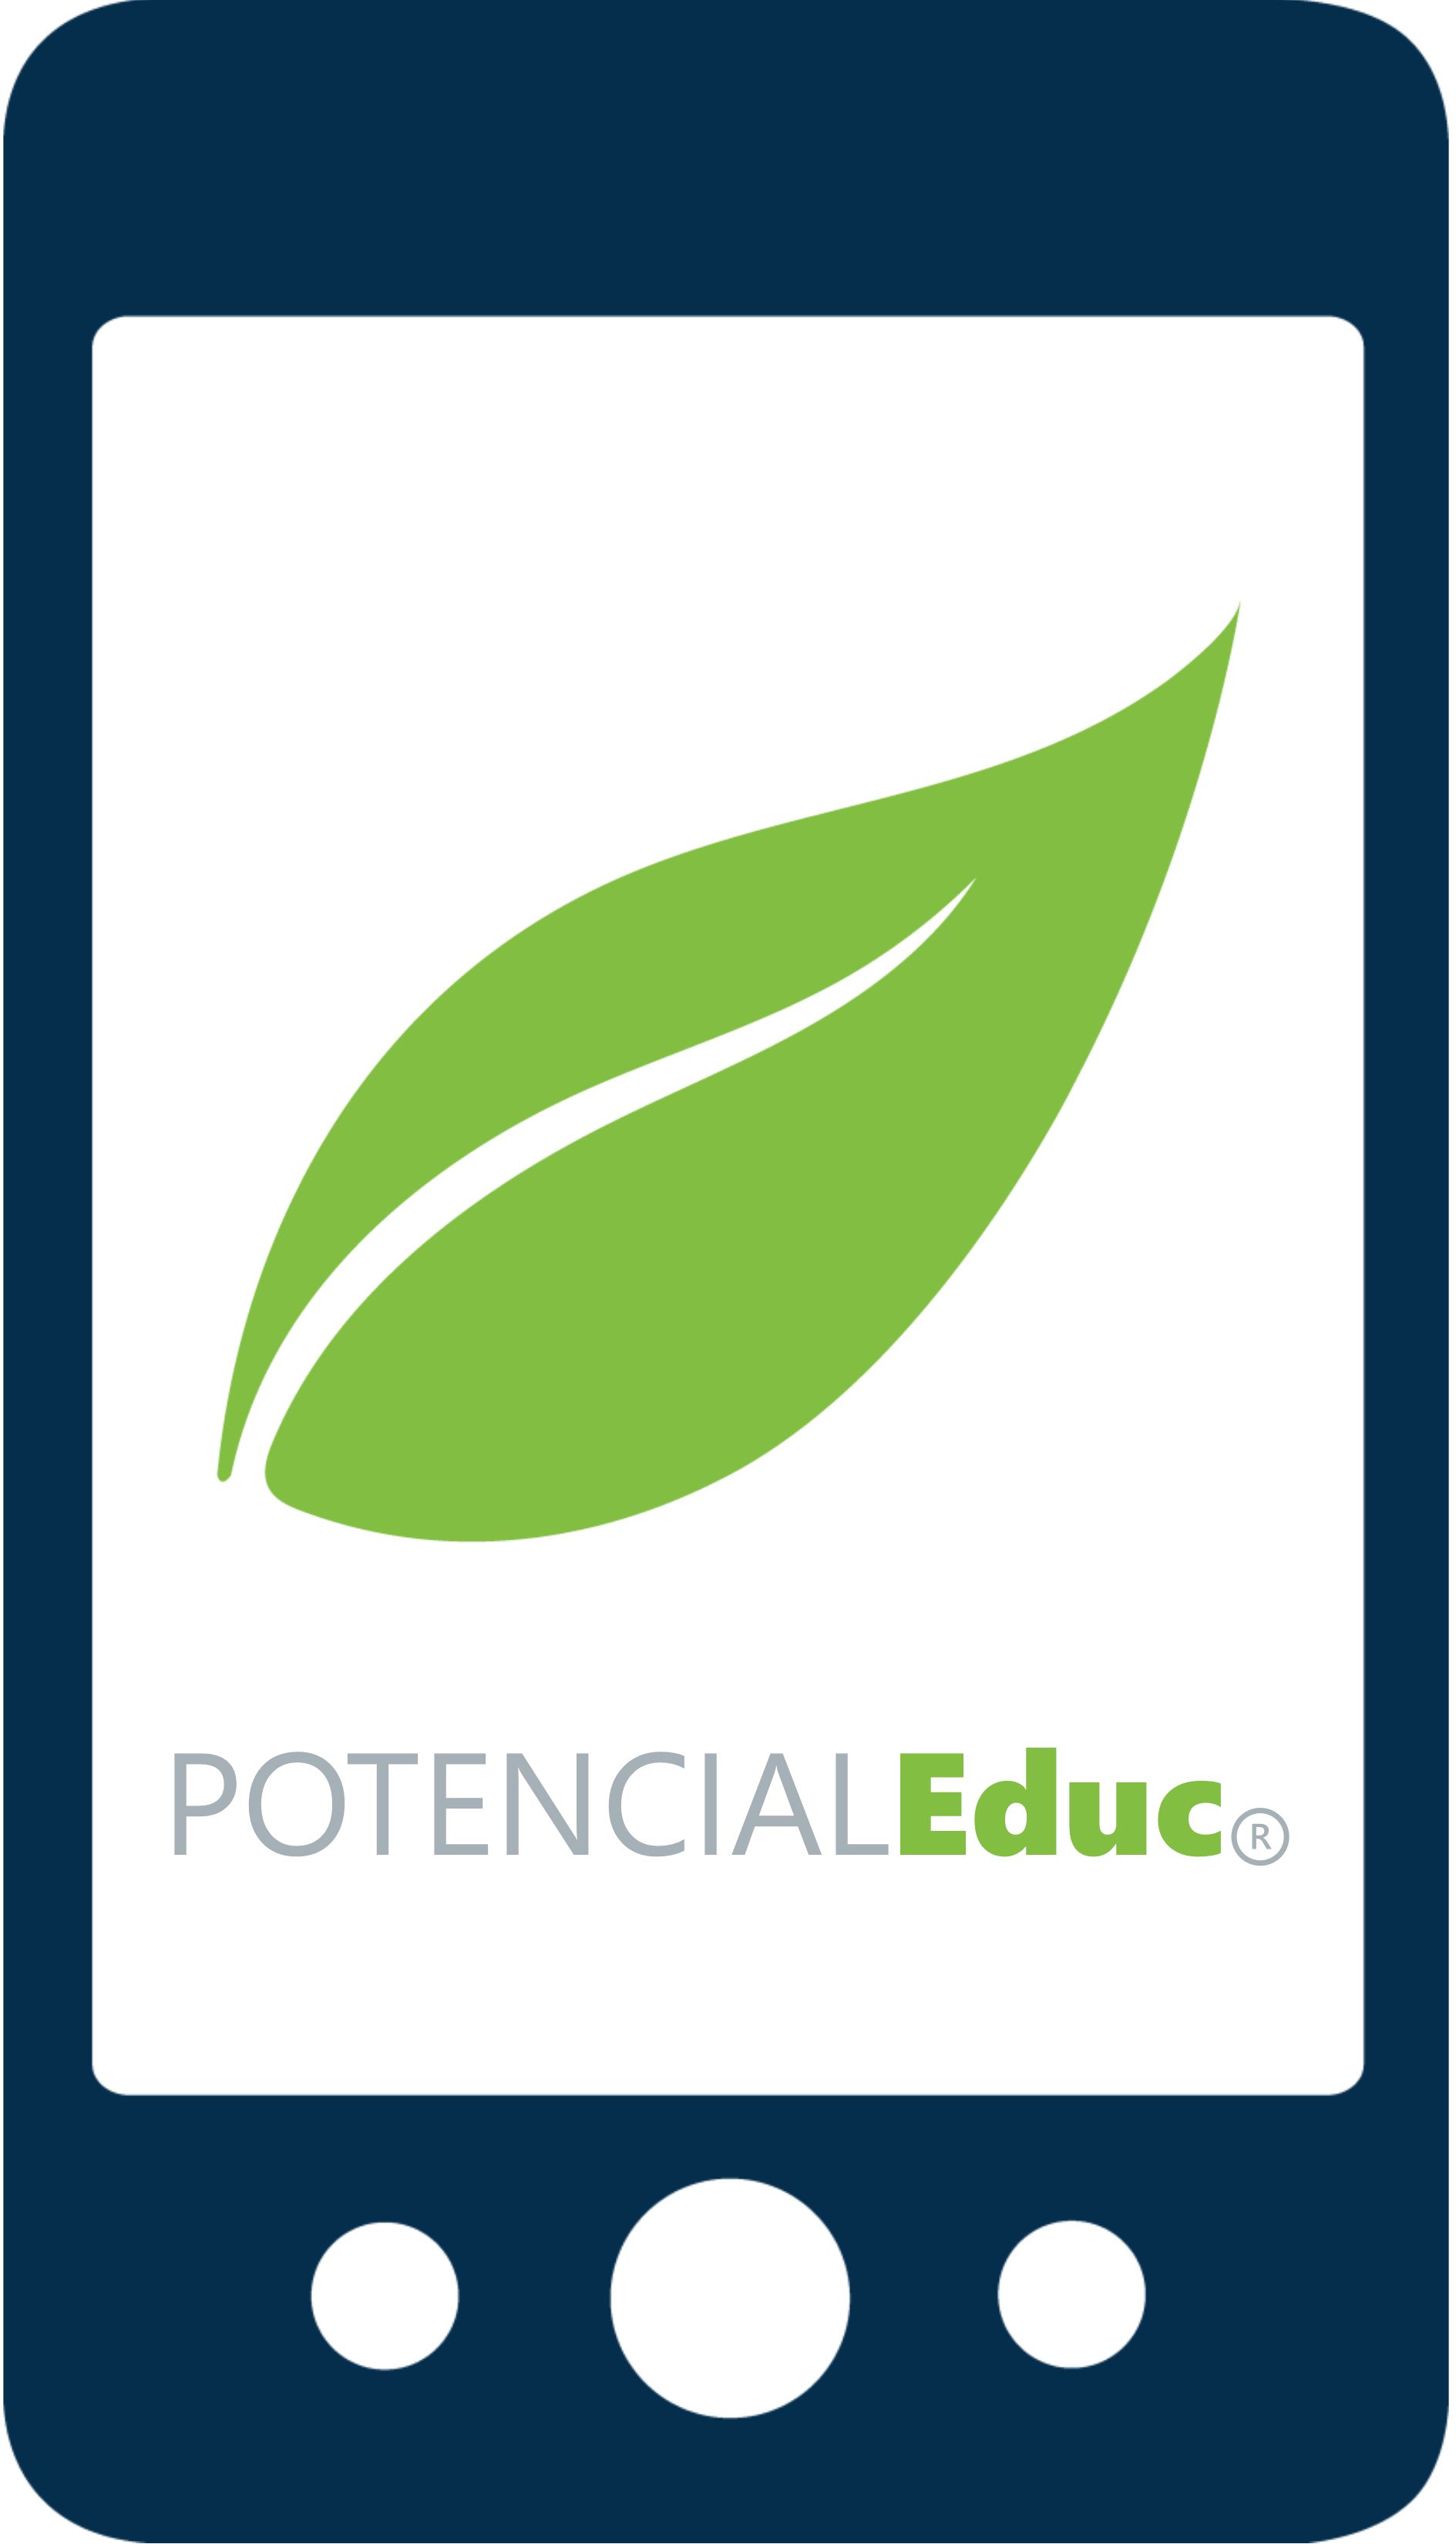 Logotipo PotencialEduc